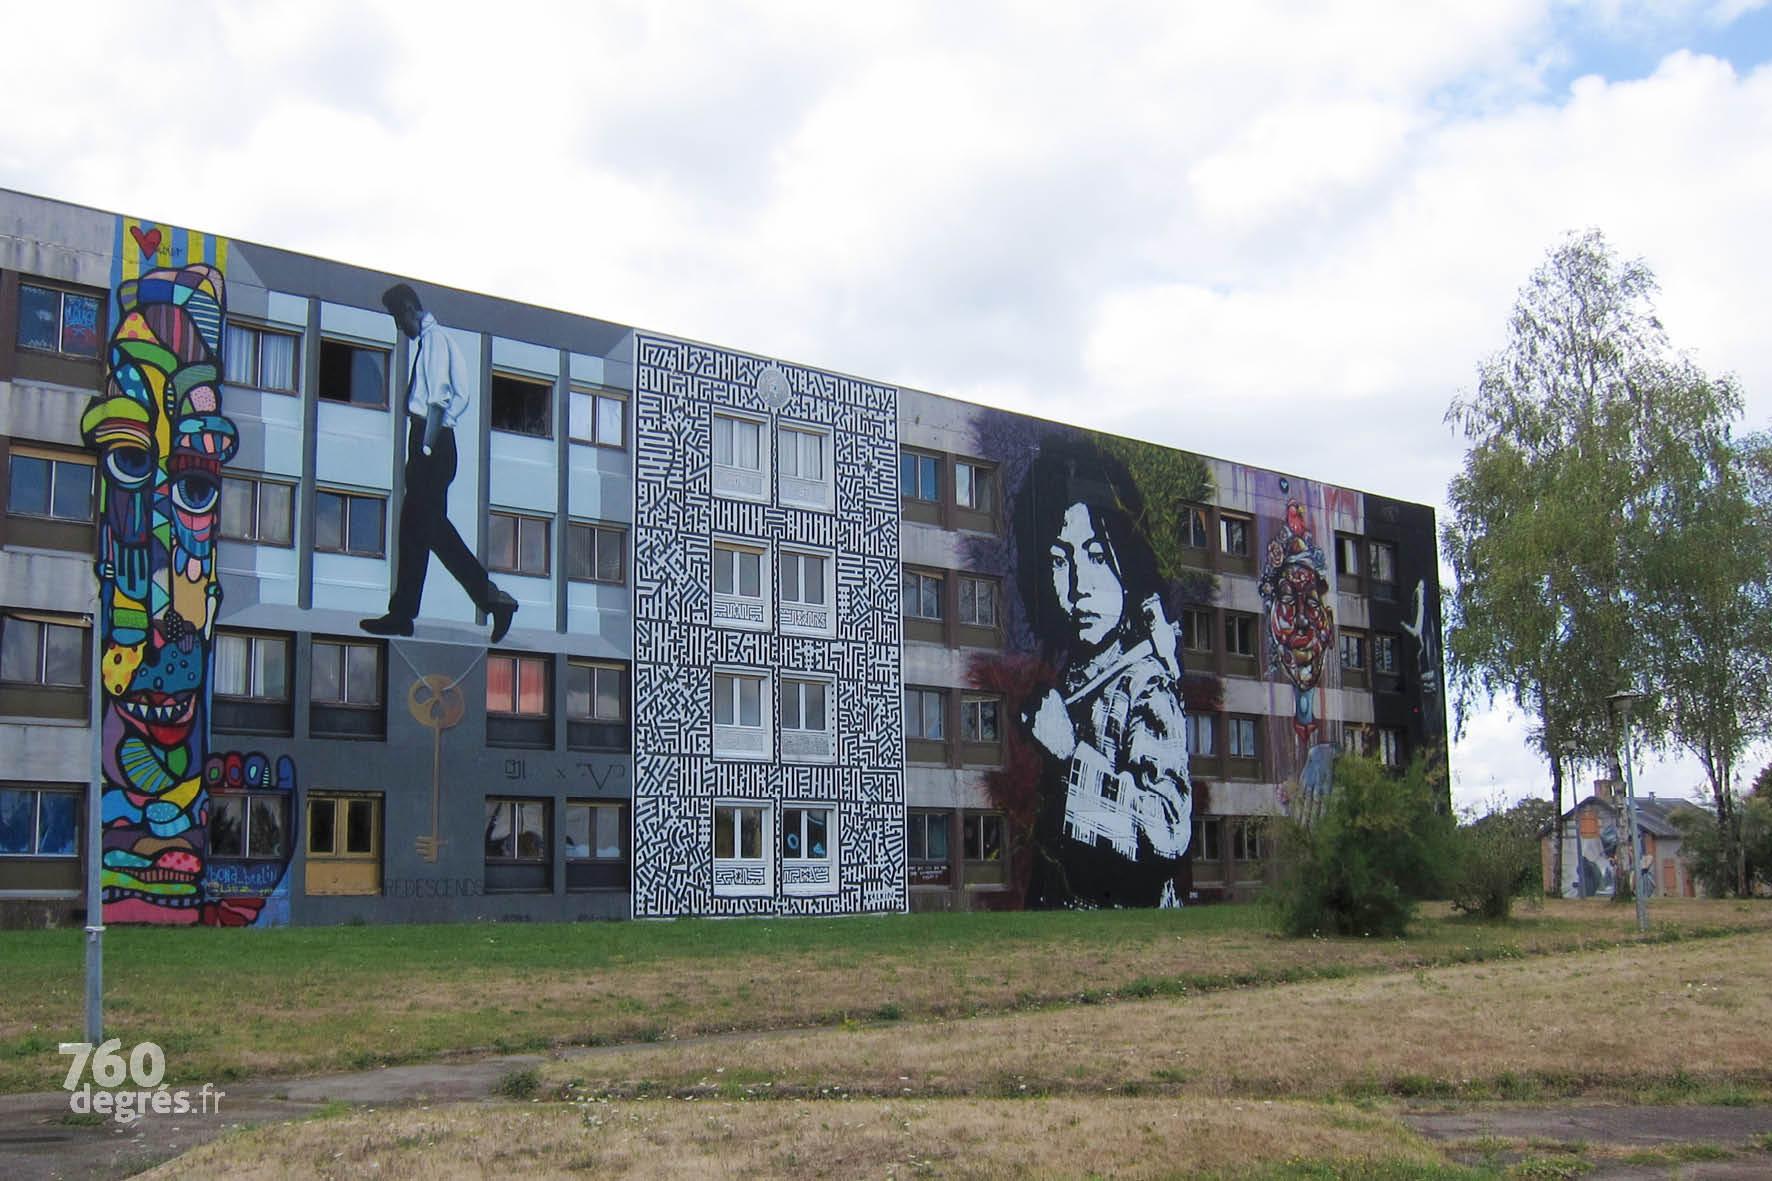 """Le personnage cubiste de BONA (Allemagne), suivi de """"Redescends !"""" de OJI & FVP (France), du labyrinthe au style très reconnaissable de KELKIN (France) et de l'impressionnant portrait réalisé par TED NOMAD (France), artiste originaire de Mâcon qui a passé plusieurs semaines à préparer puis à poser cette œuvre au pochoir d'une force remarquable."""